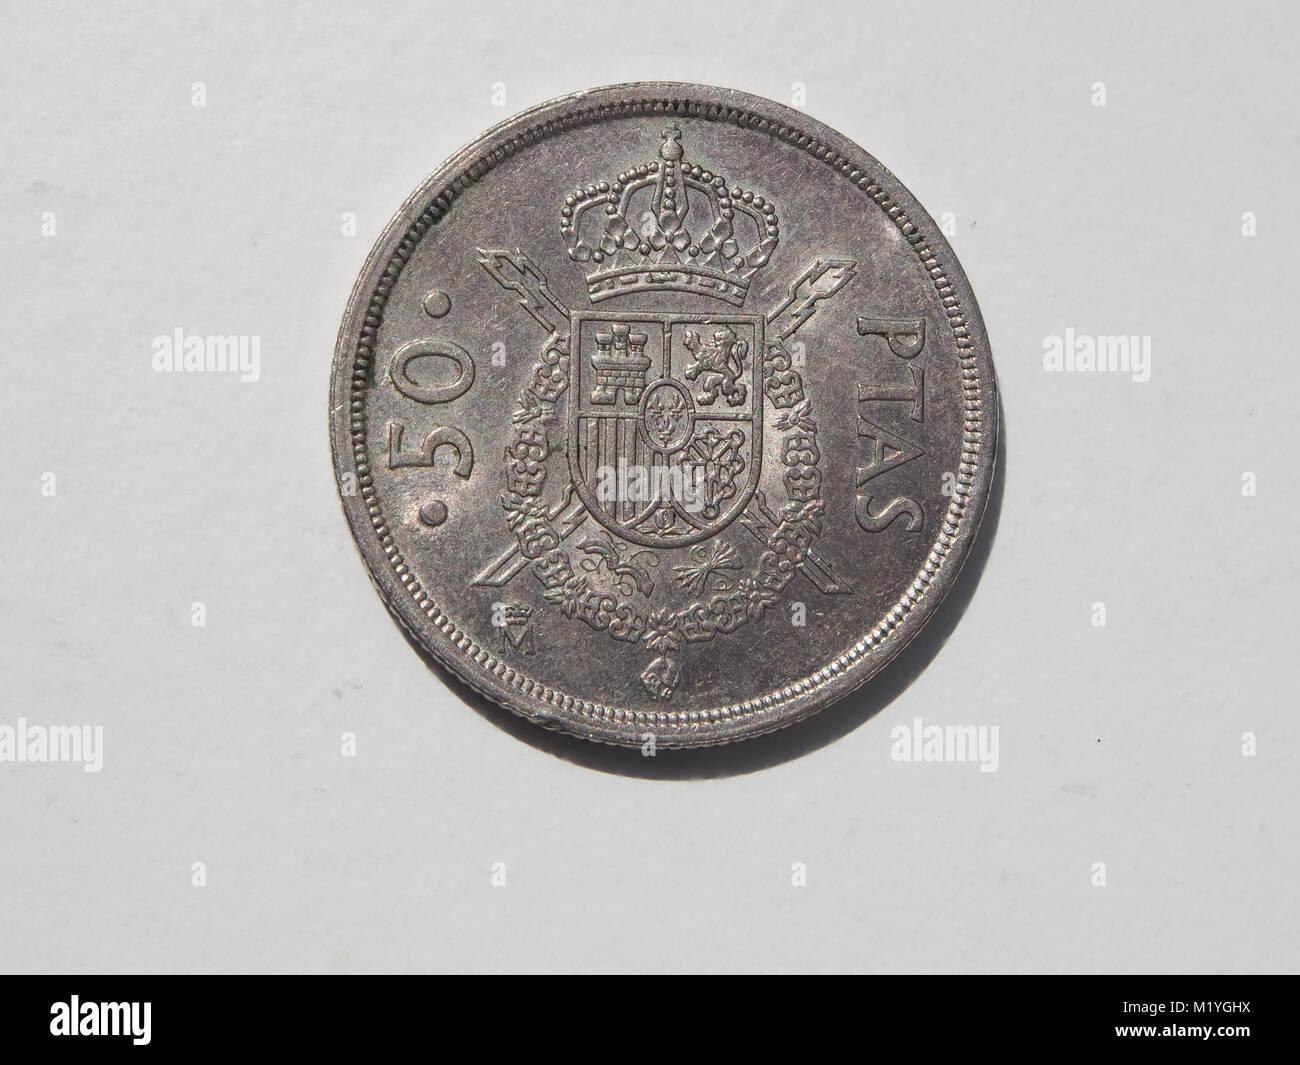 Eine Alte Spanische 50 Ptas Münze Stockfoto Bild 173324086 Alamy